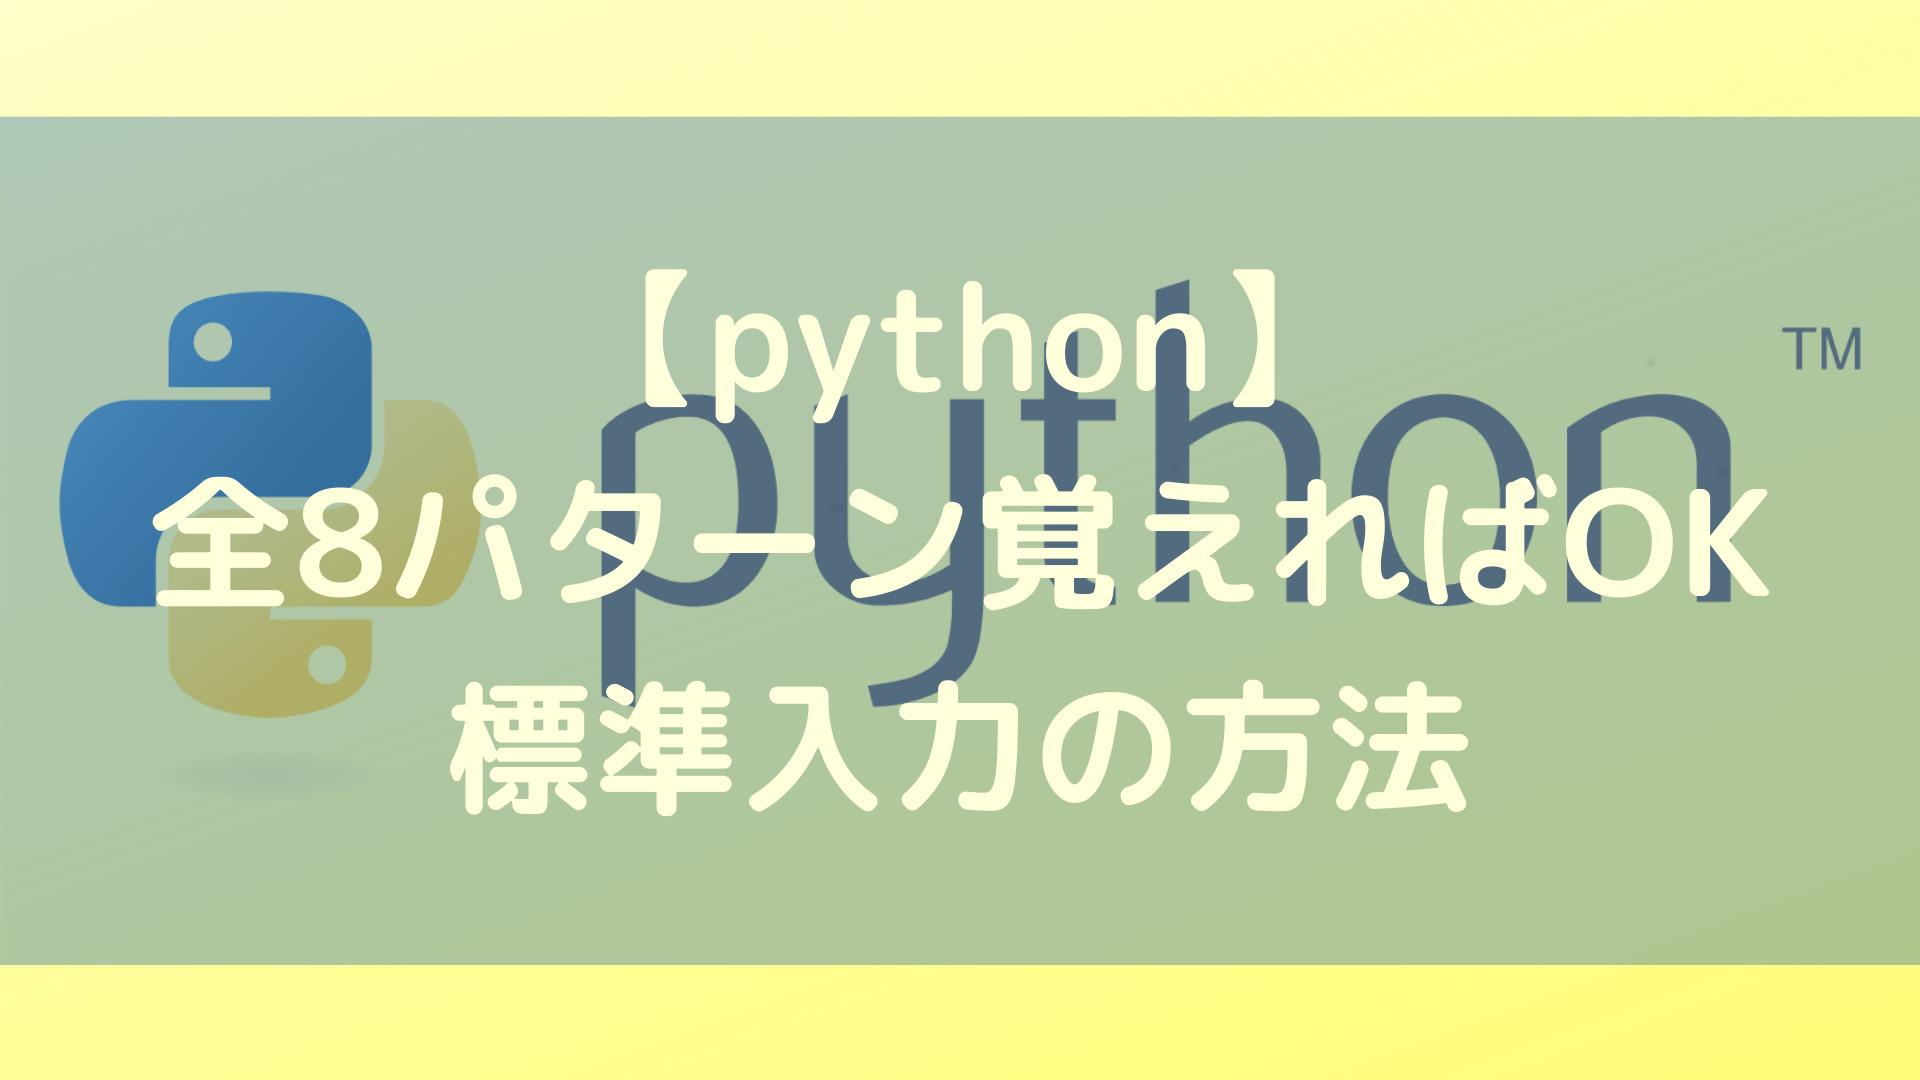 べき乗 python